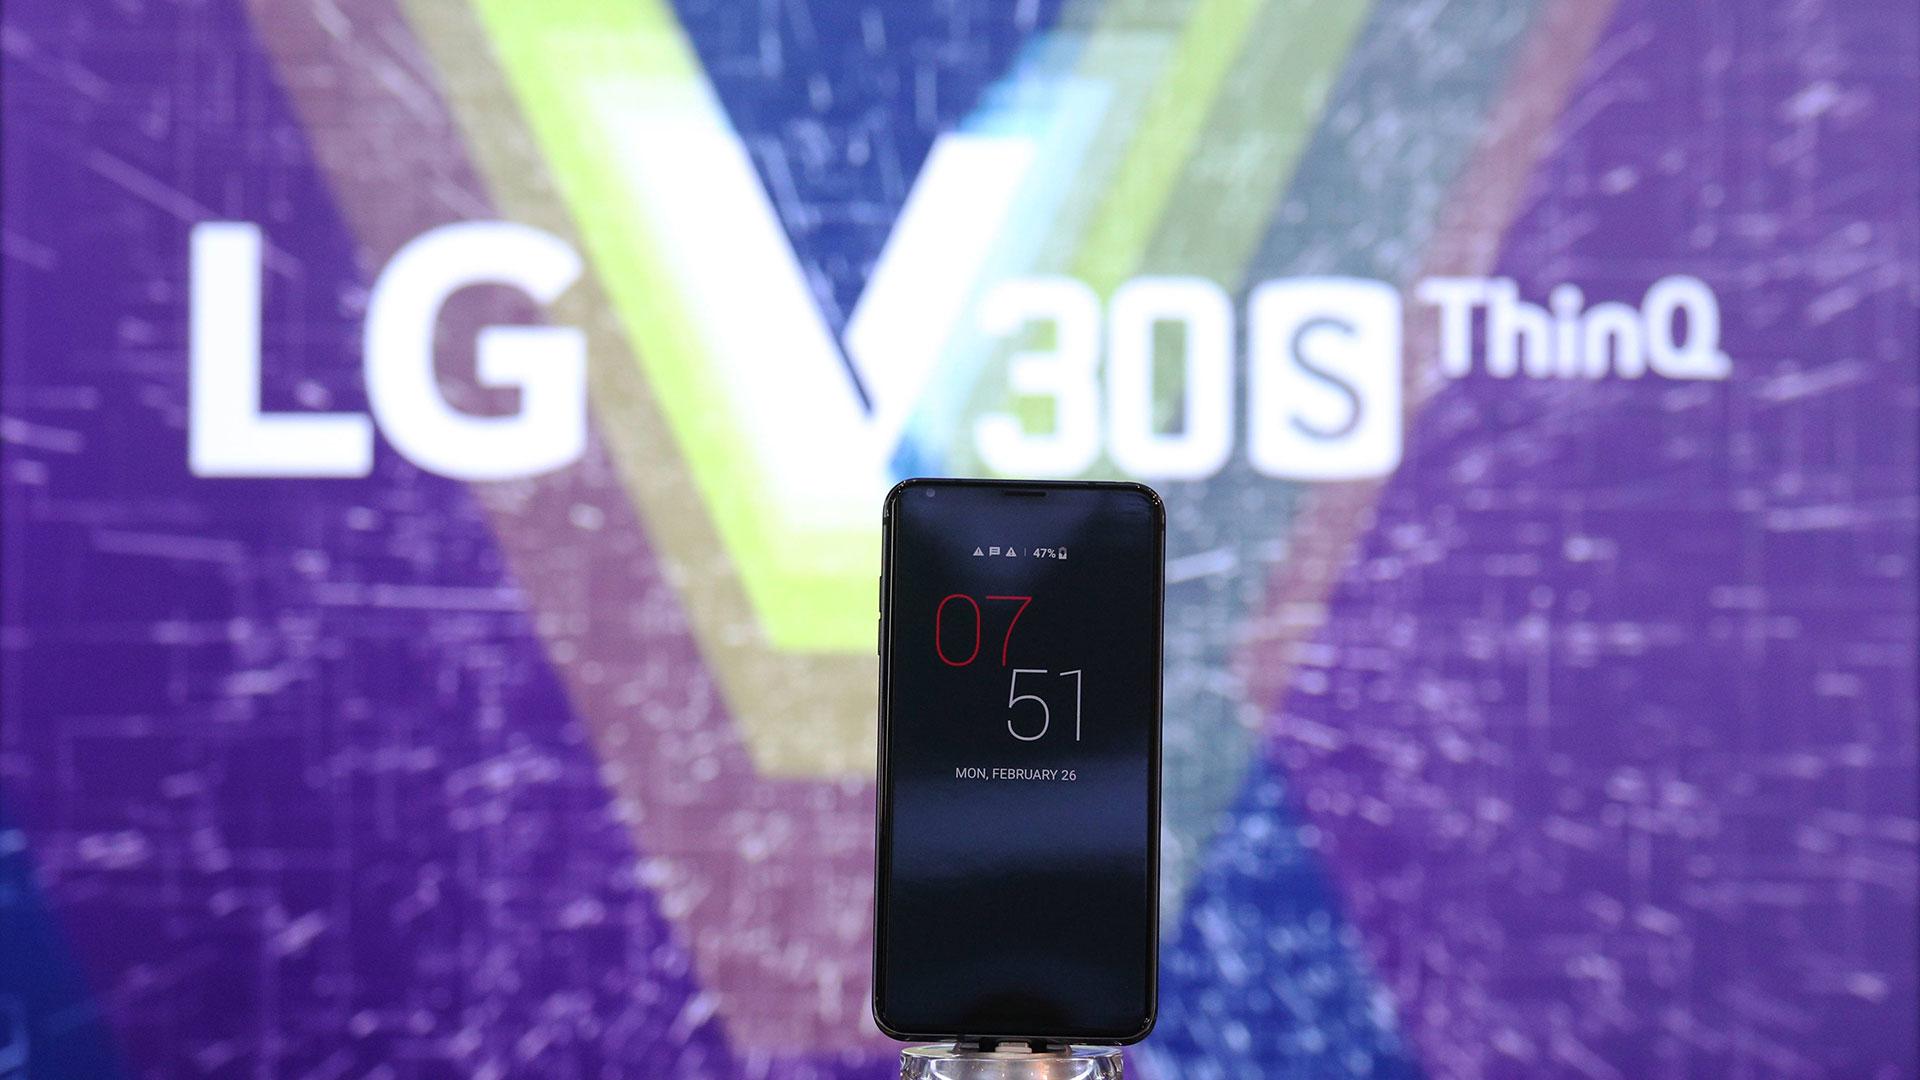 LG presentó una nueva versión del V30 que incorpora una cámara con visión inteligente que analiza automáticamente objetos y recomienda el mejor modo de disparo entre ocho opciones (Reuters).